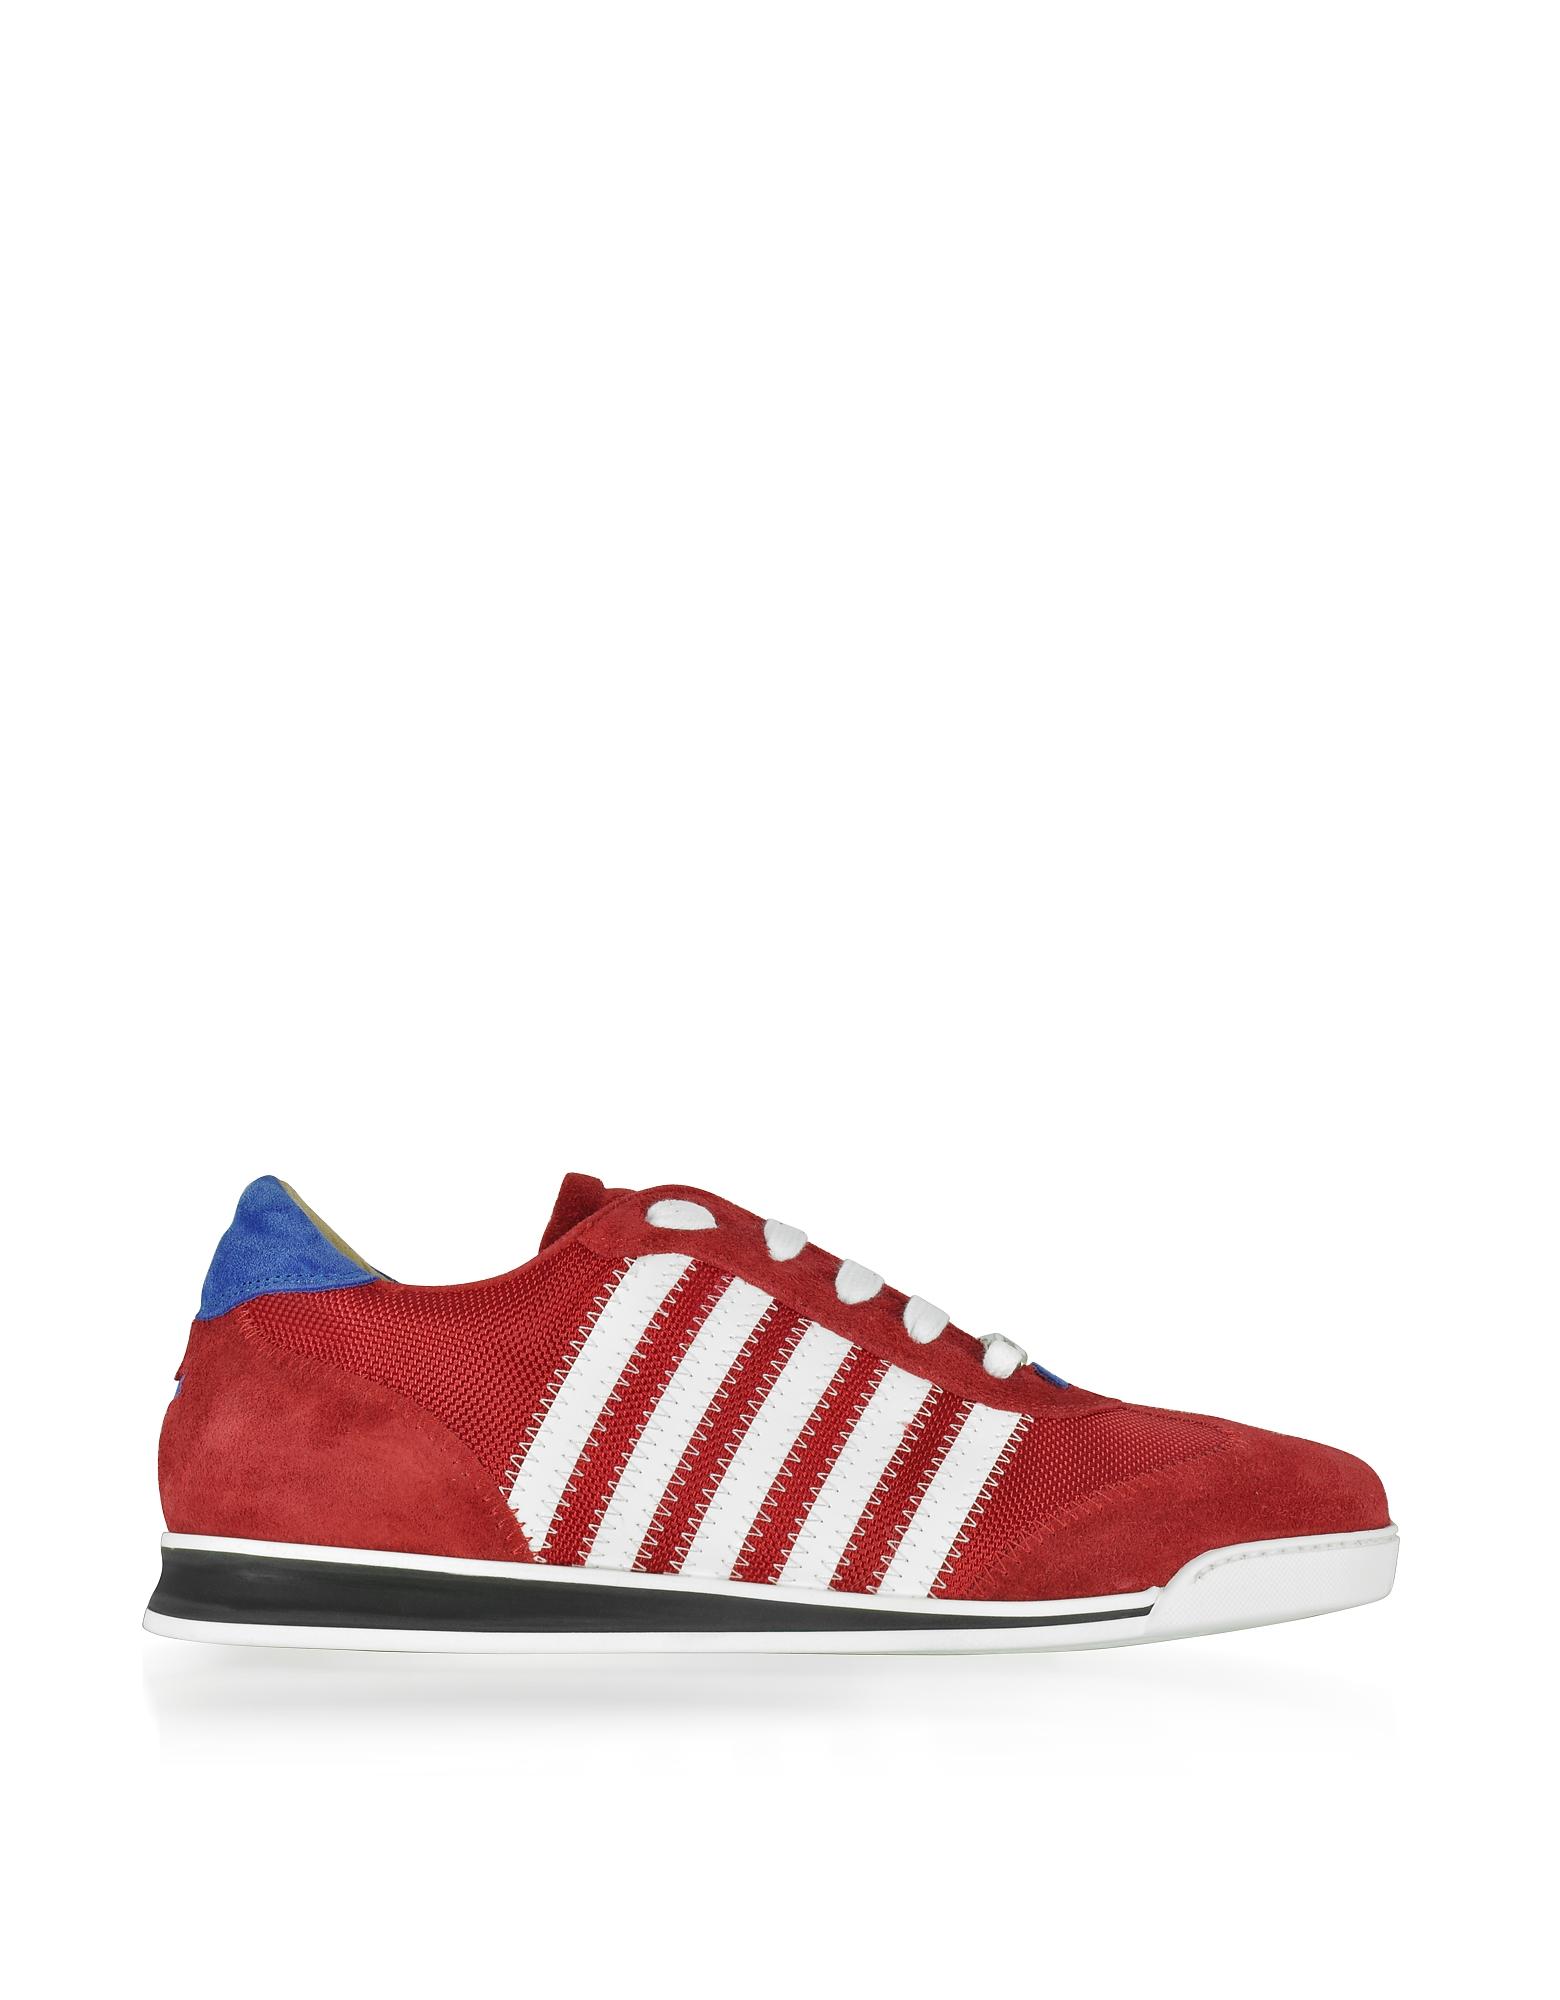 Красные / Белые Мужские Кроссовки из Замши и Нейлона